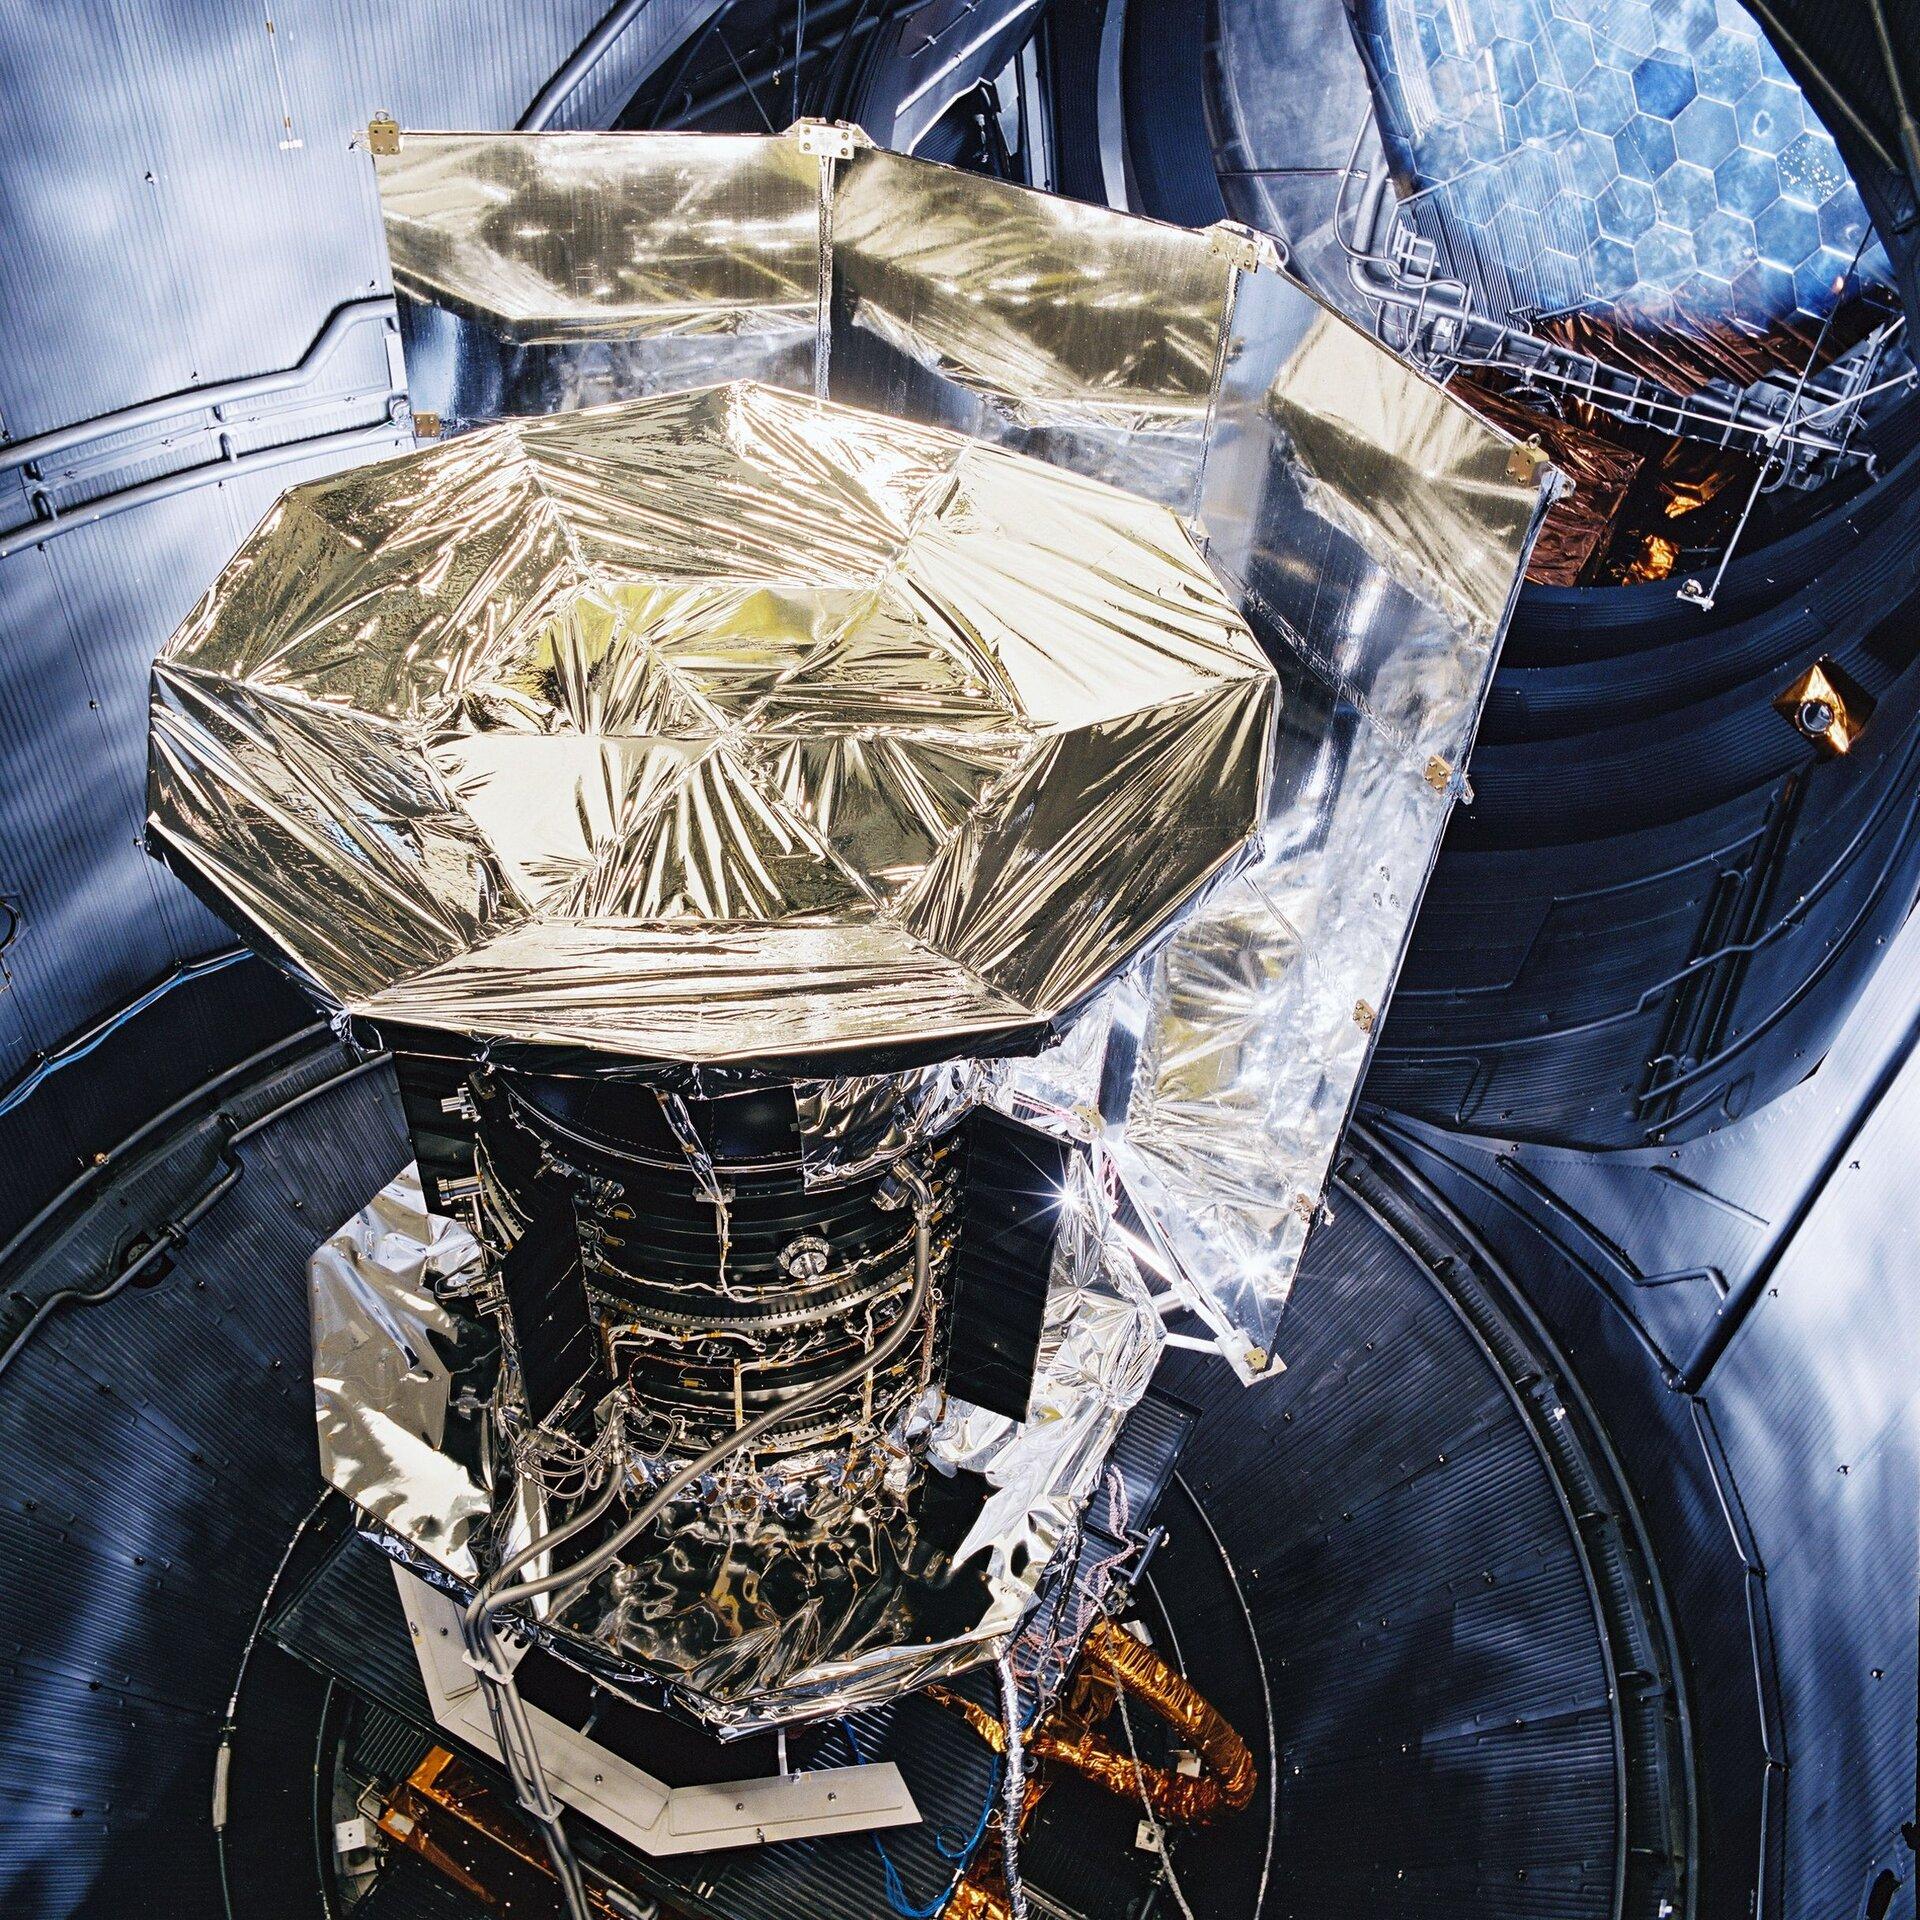 Herschel inside LSS